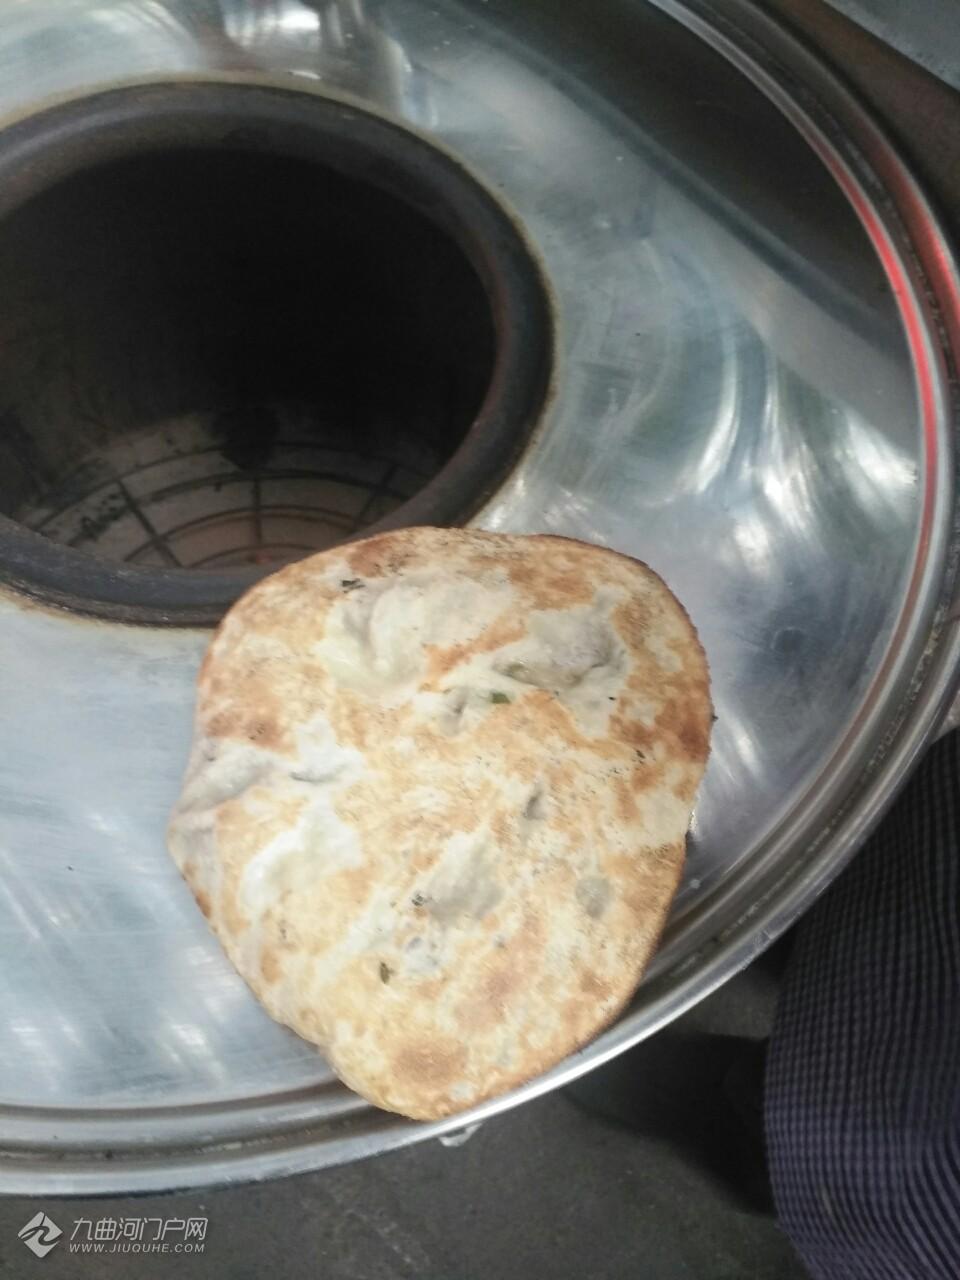 早上上班路上偶遇一个卖烤饼的,不煎,馅多,外脆内酥。各位看官评个价